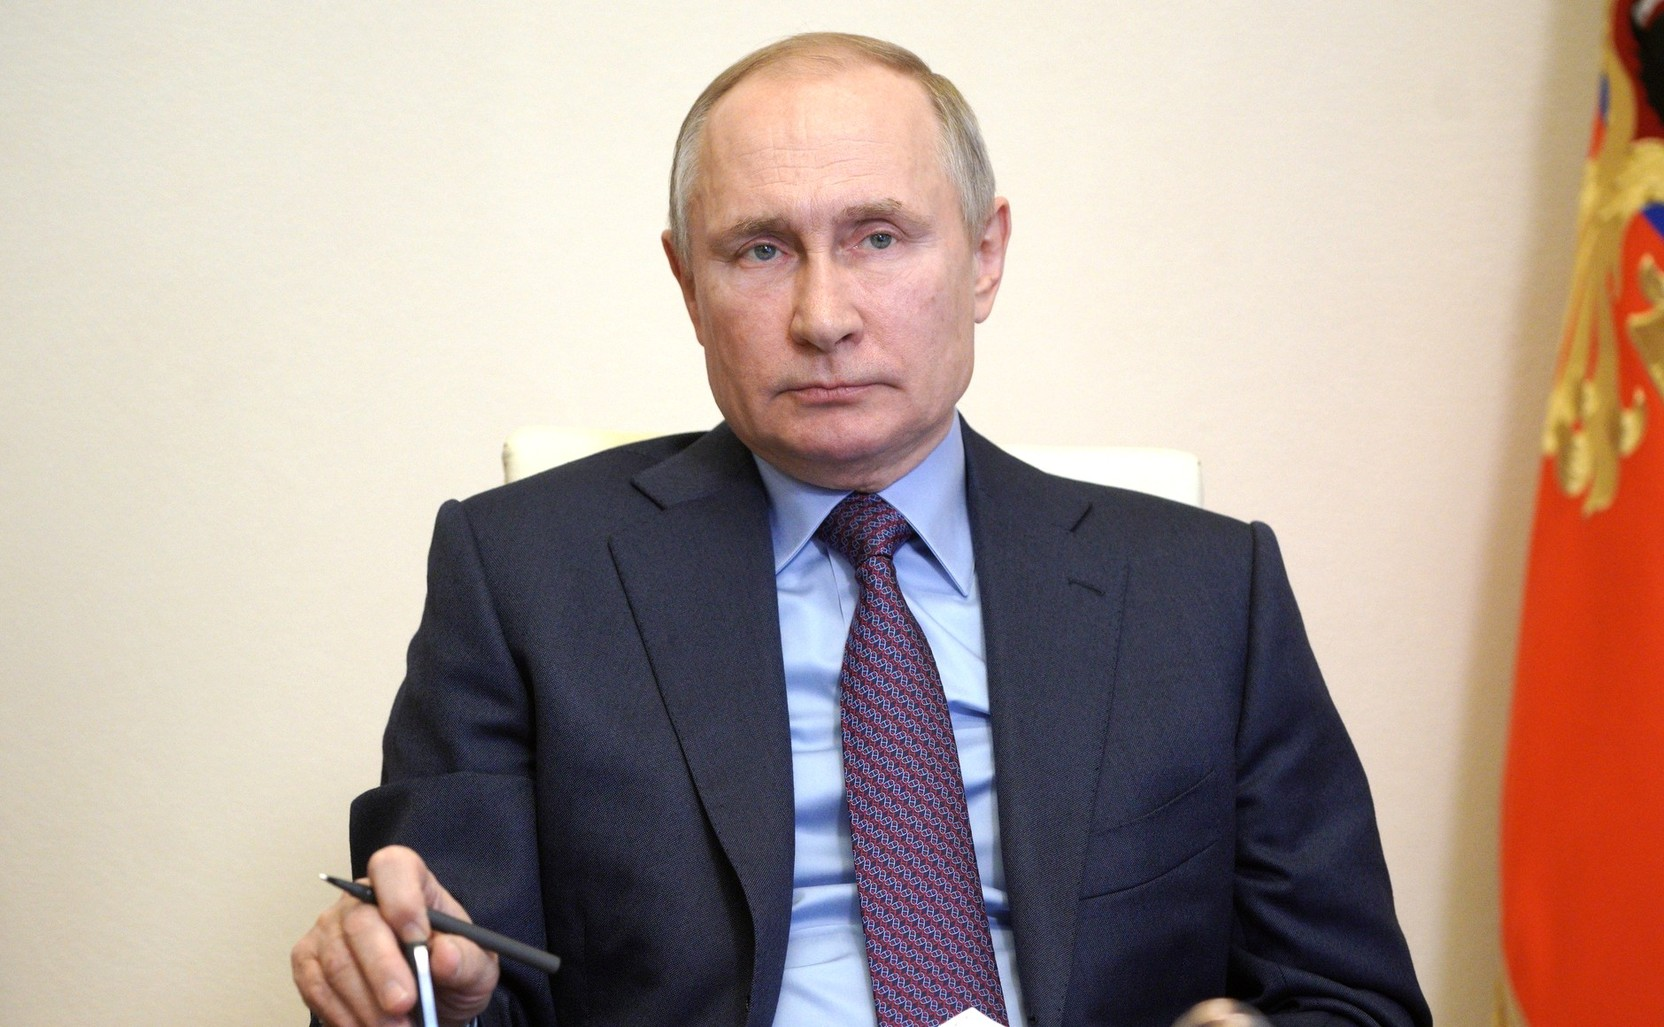 Встреча Путина и Лукашенко запланирована на следующую неделю